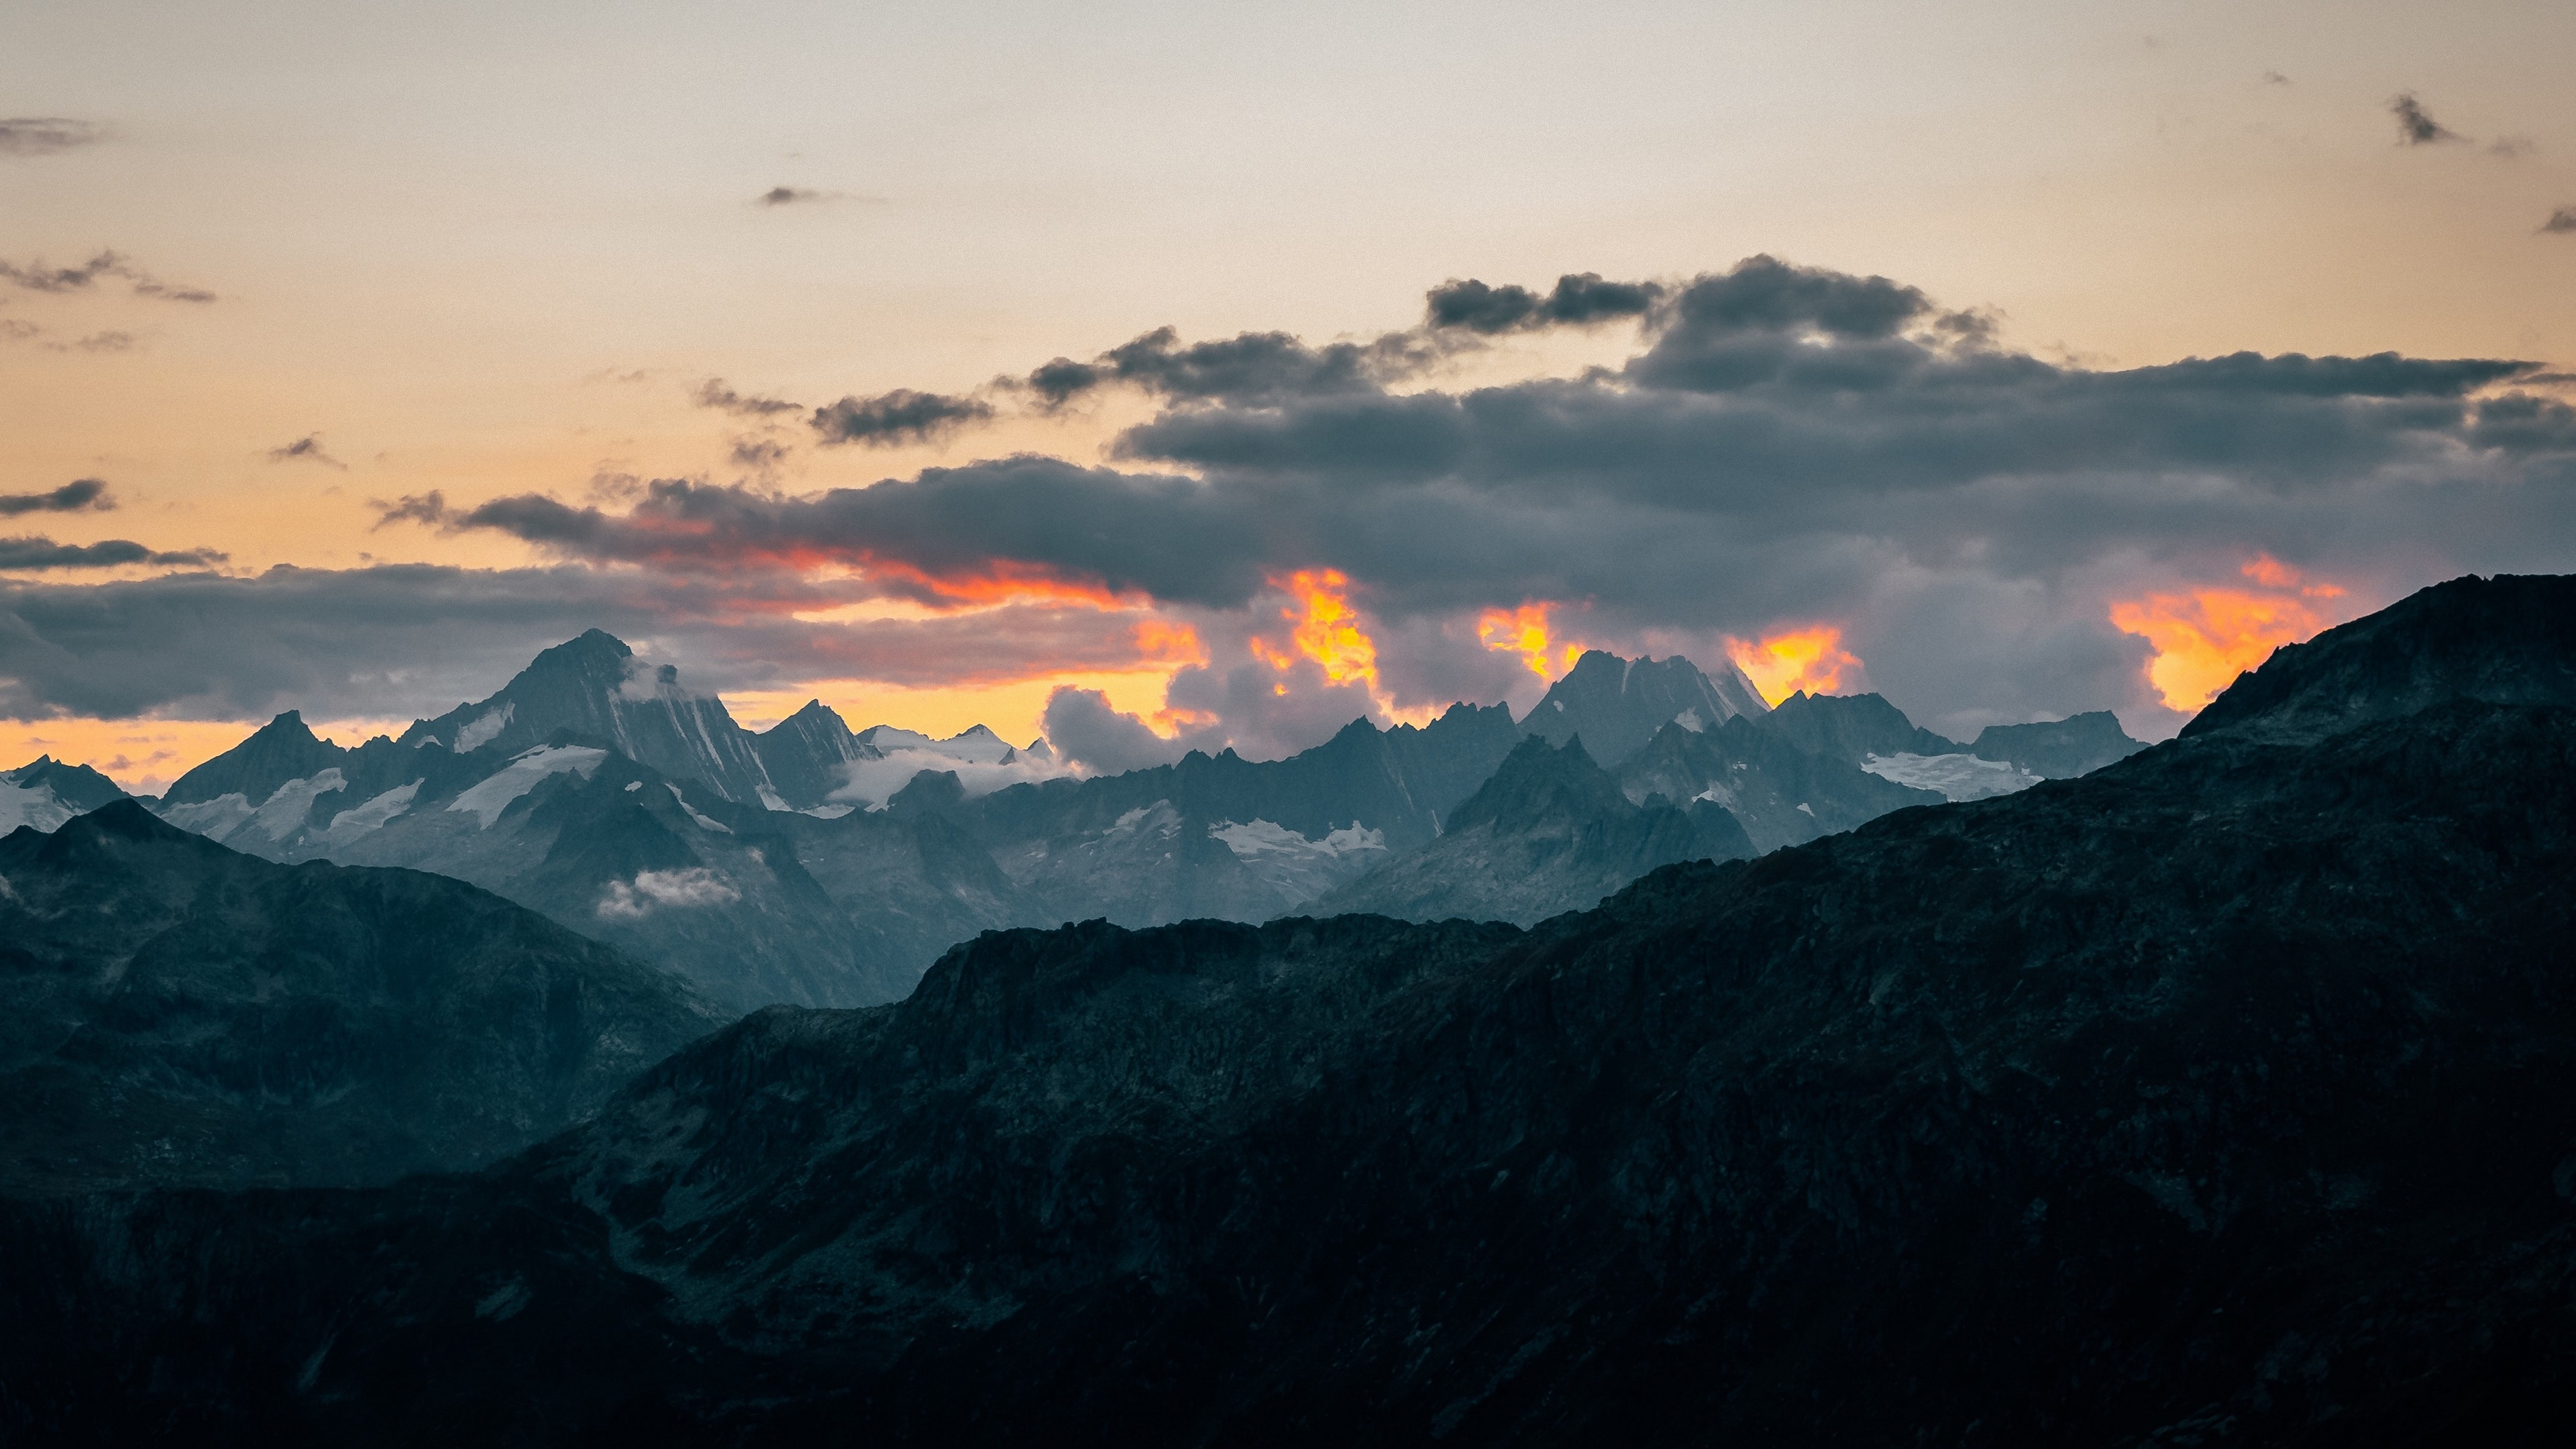 4K Mountains Clouds Landscape Wallpaper - 3840x2160